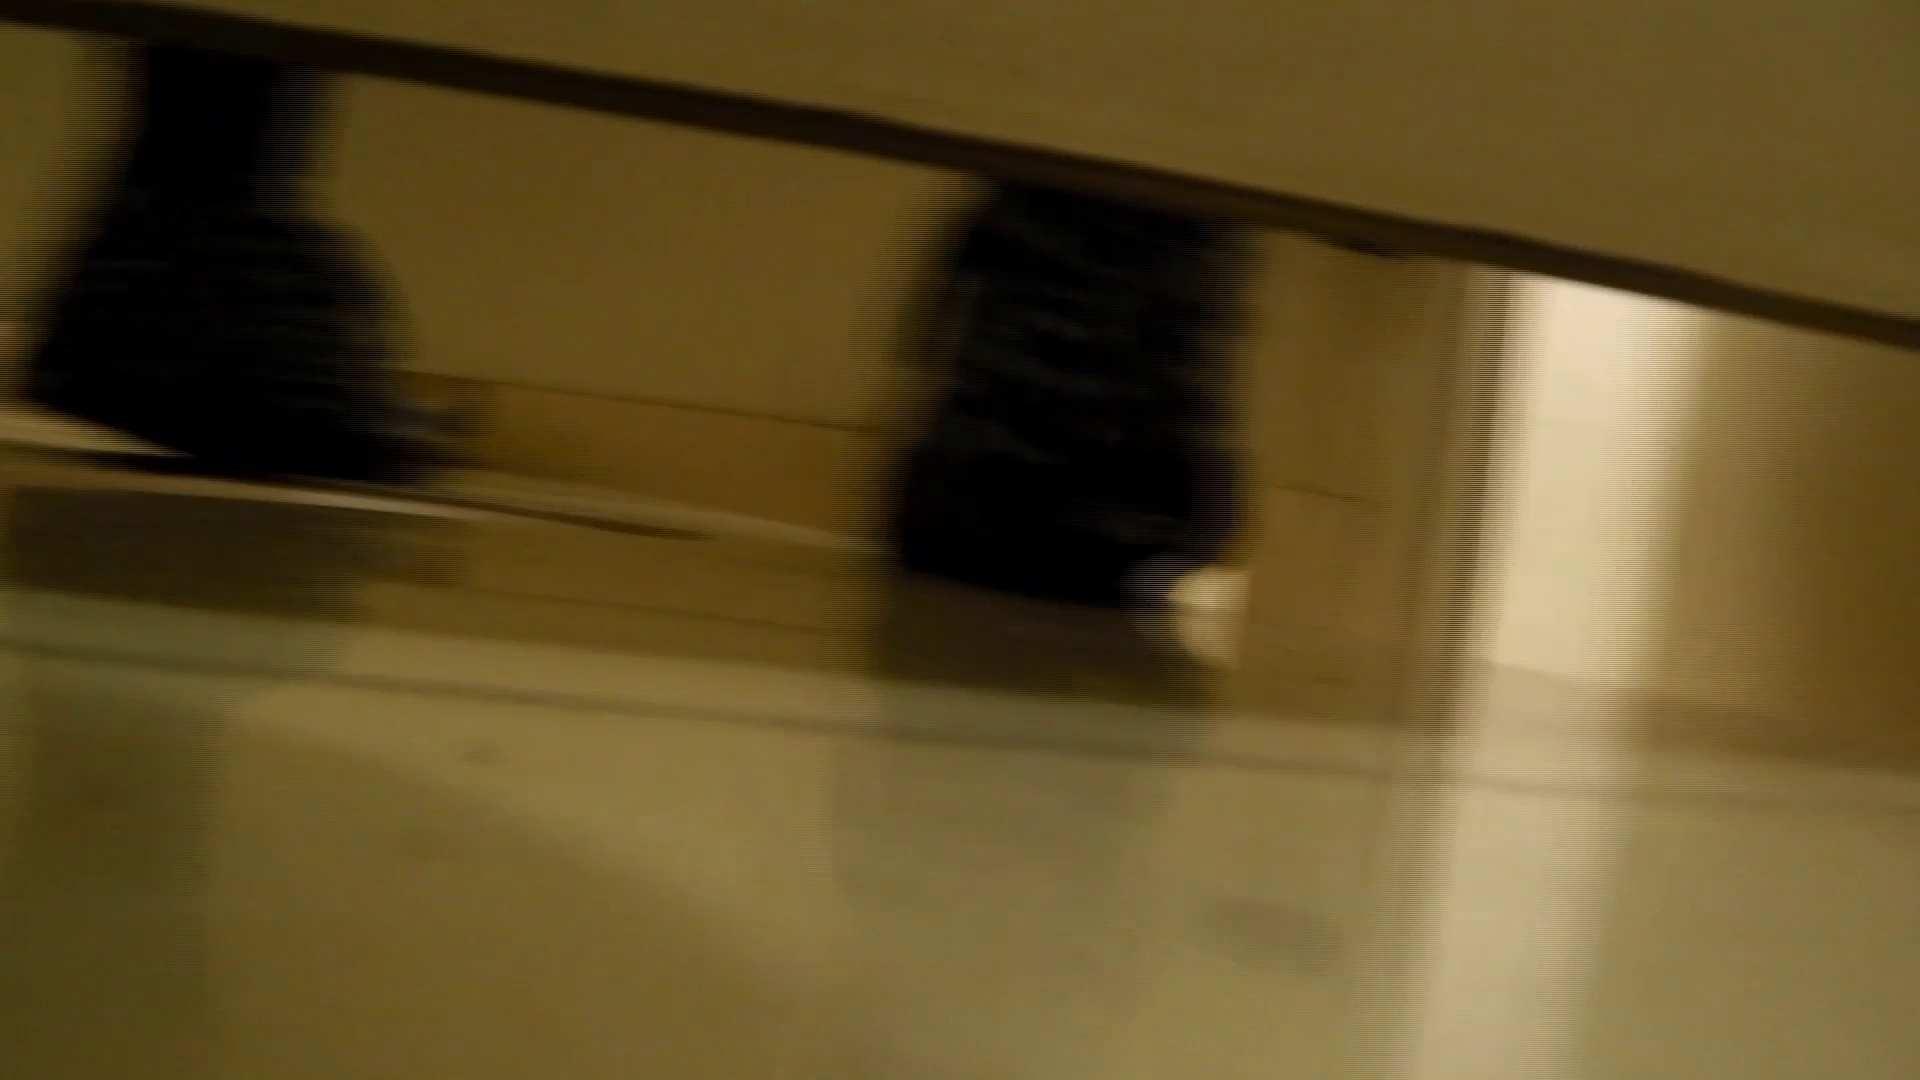 新世界の射窓 No78 トリンドル 玲奈似登場シリーズ美女率最高作! 高画質 えろ無修正画像 112枚 76